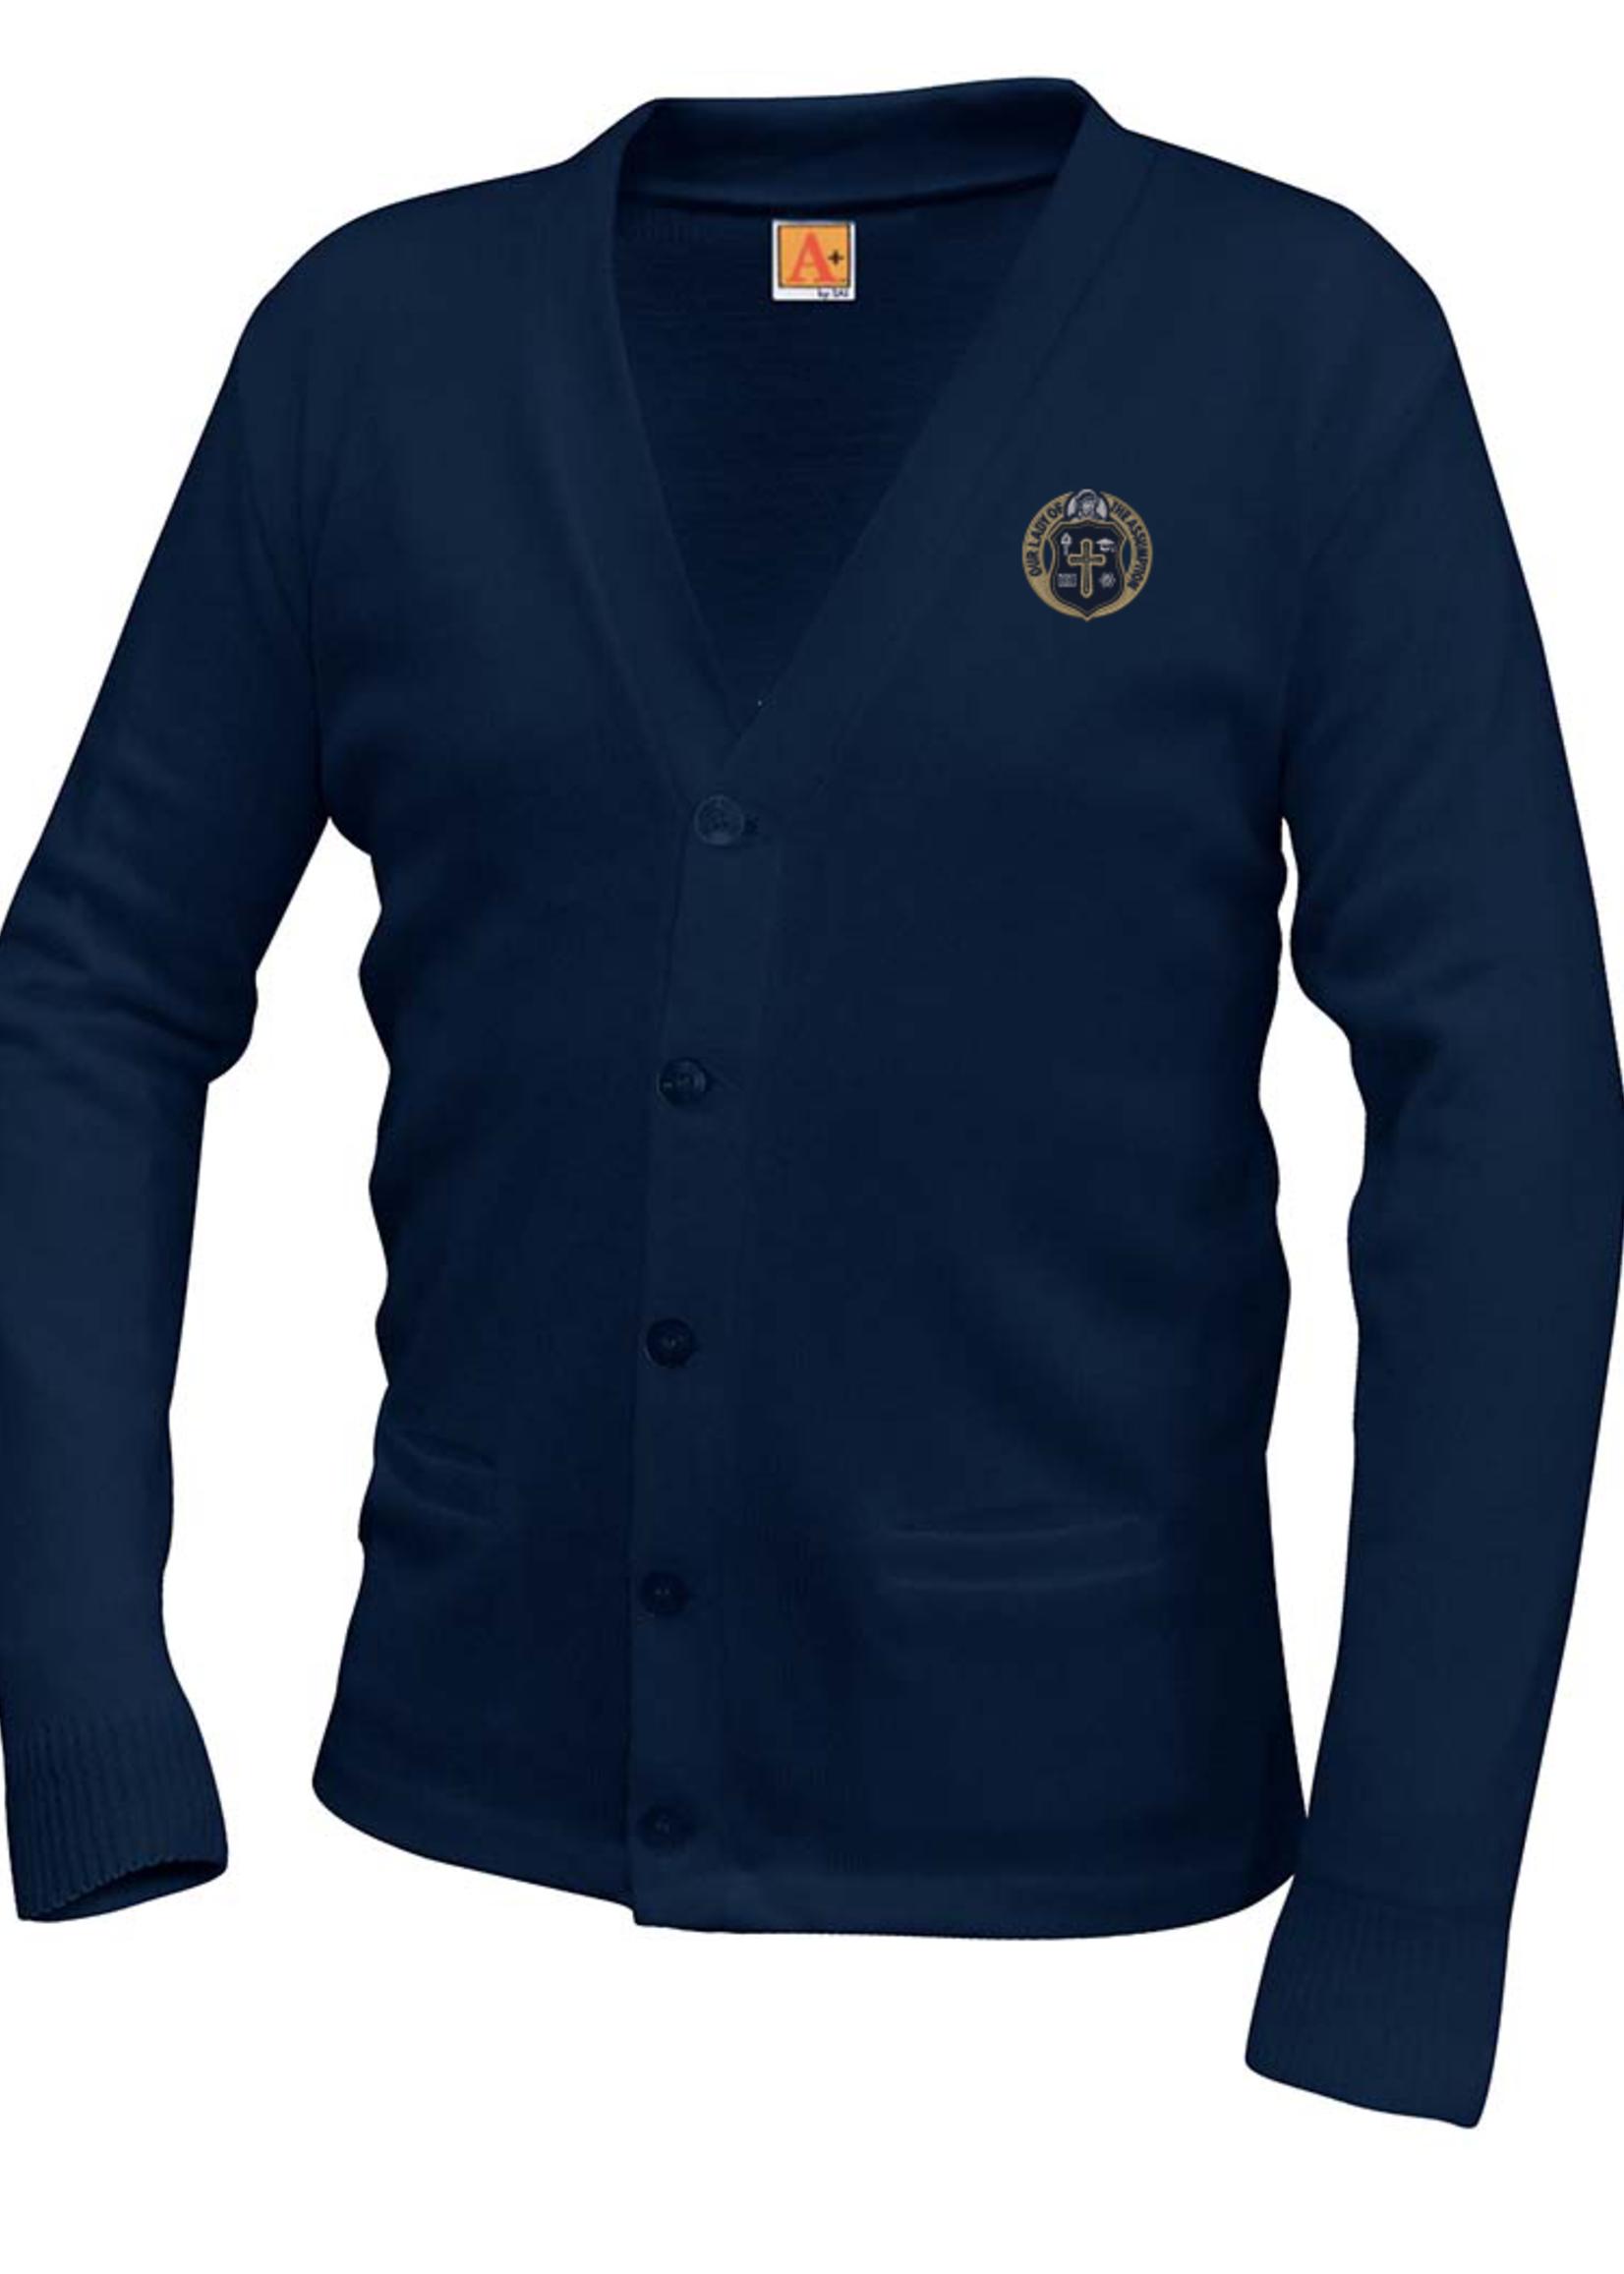 OLA Navy V-neck cardigan sweater with pockets